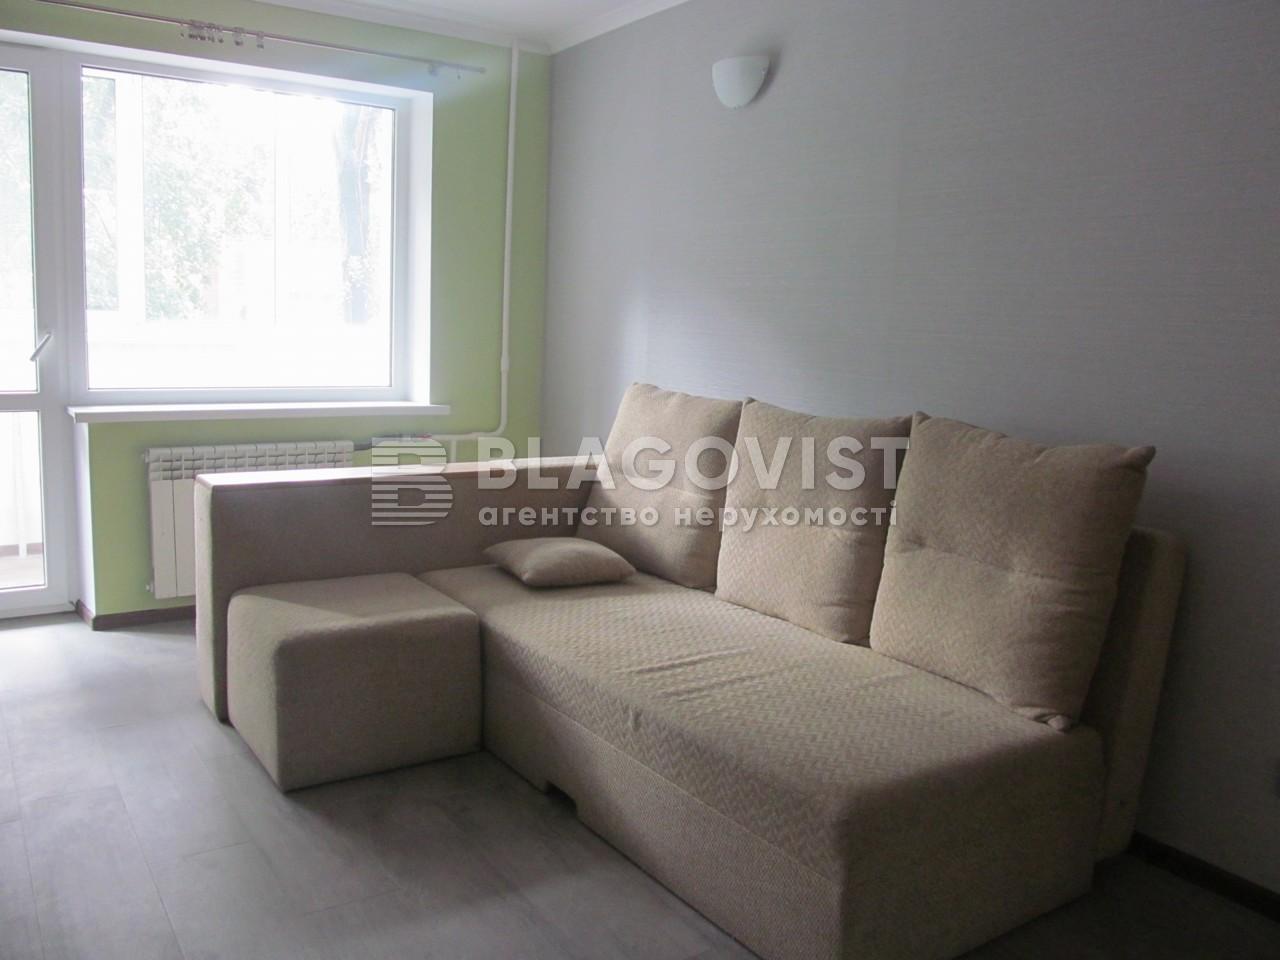 Квартира D-33166, Кловский спуск, 20, Киев - Фото 7